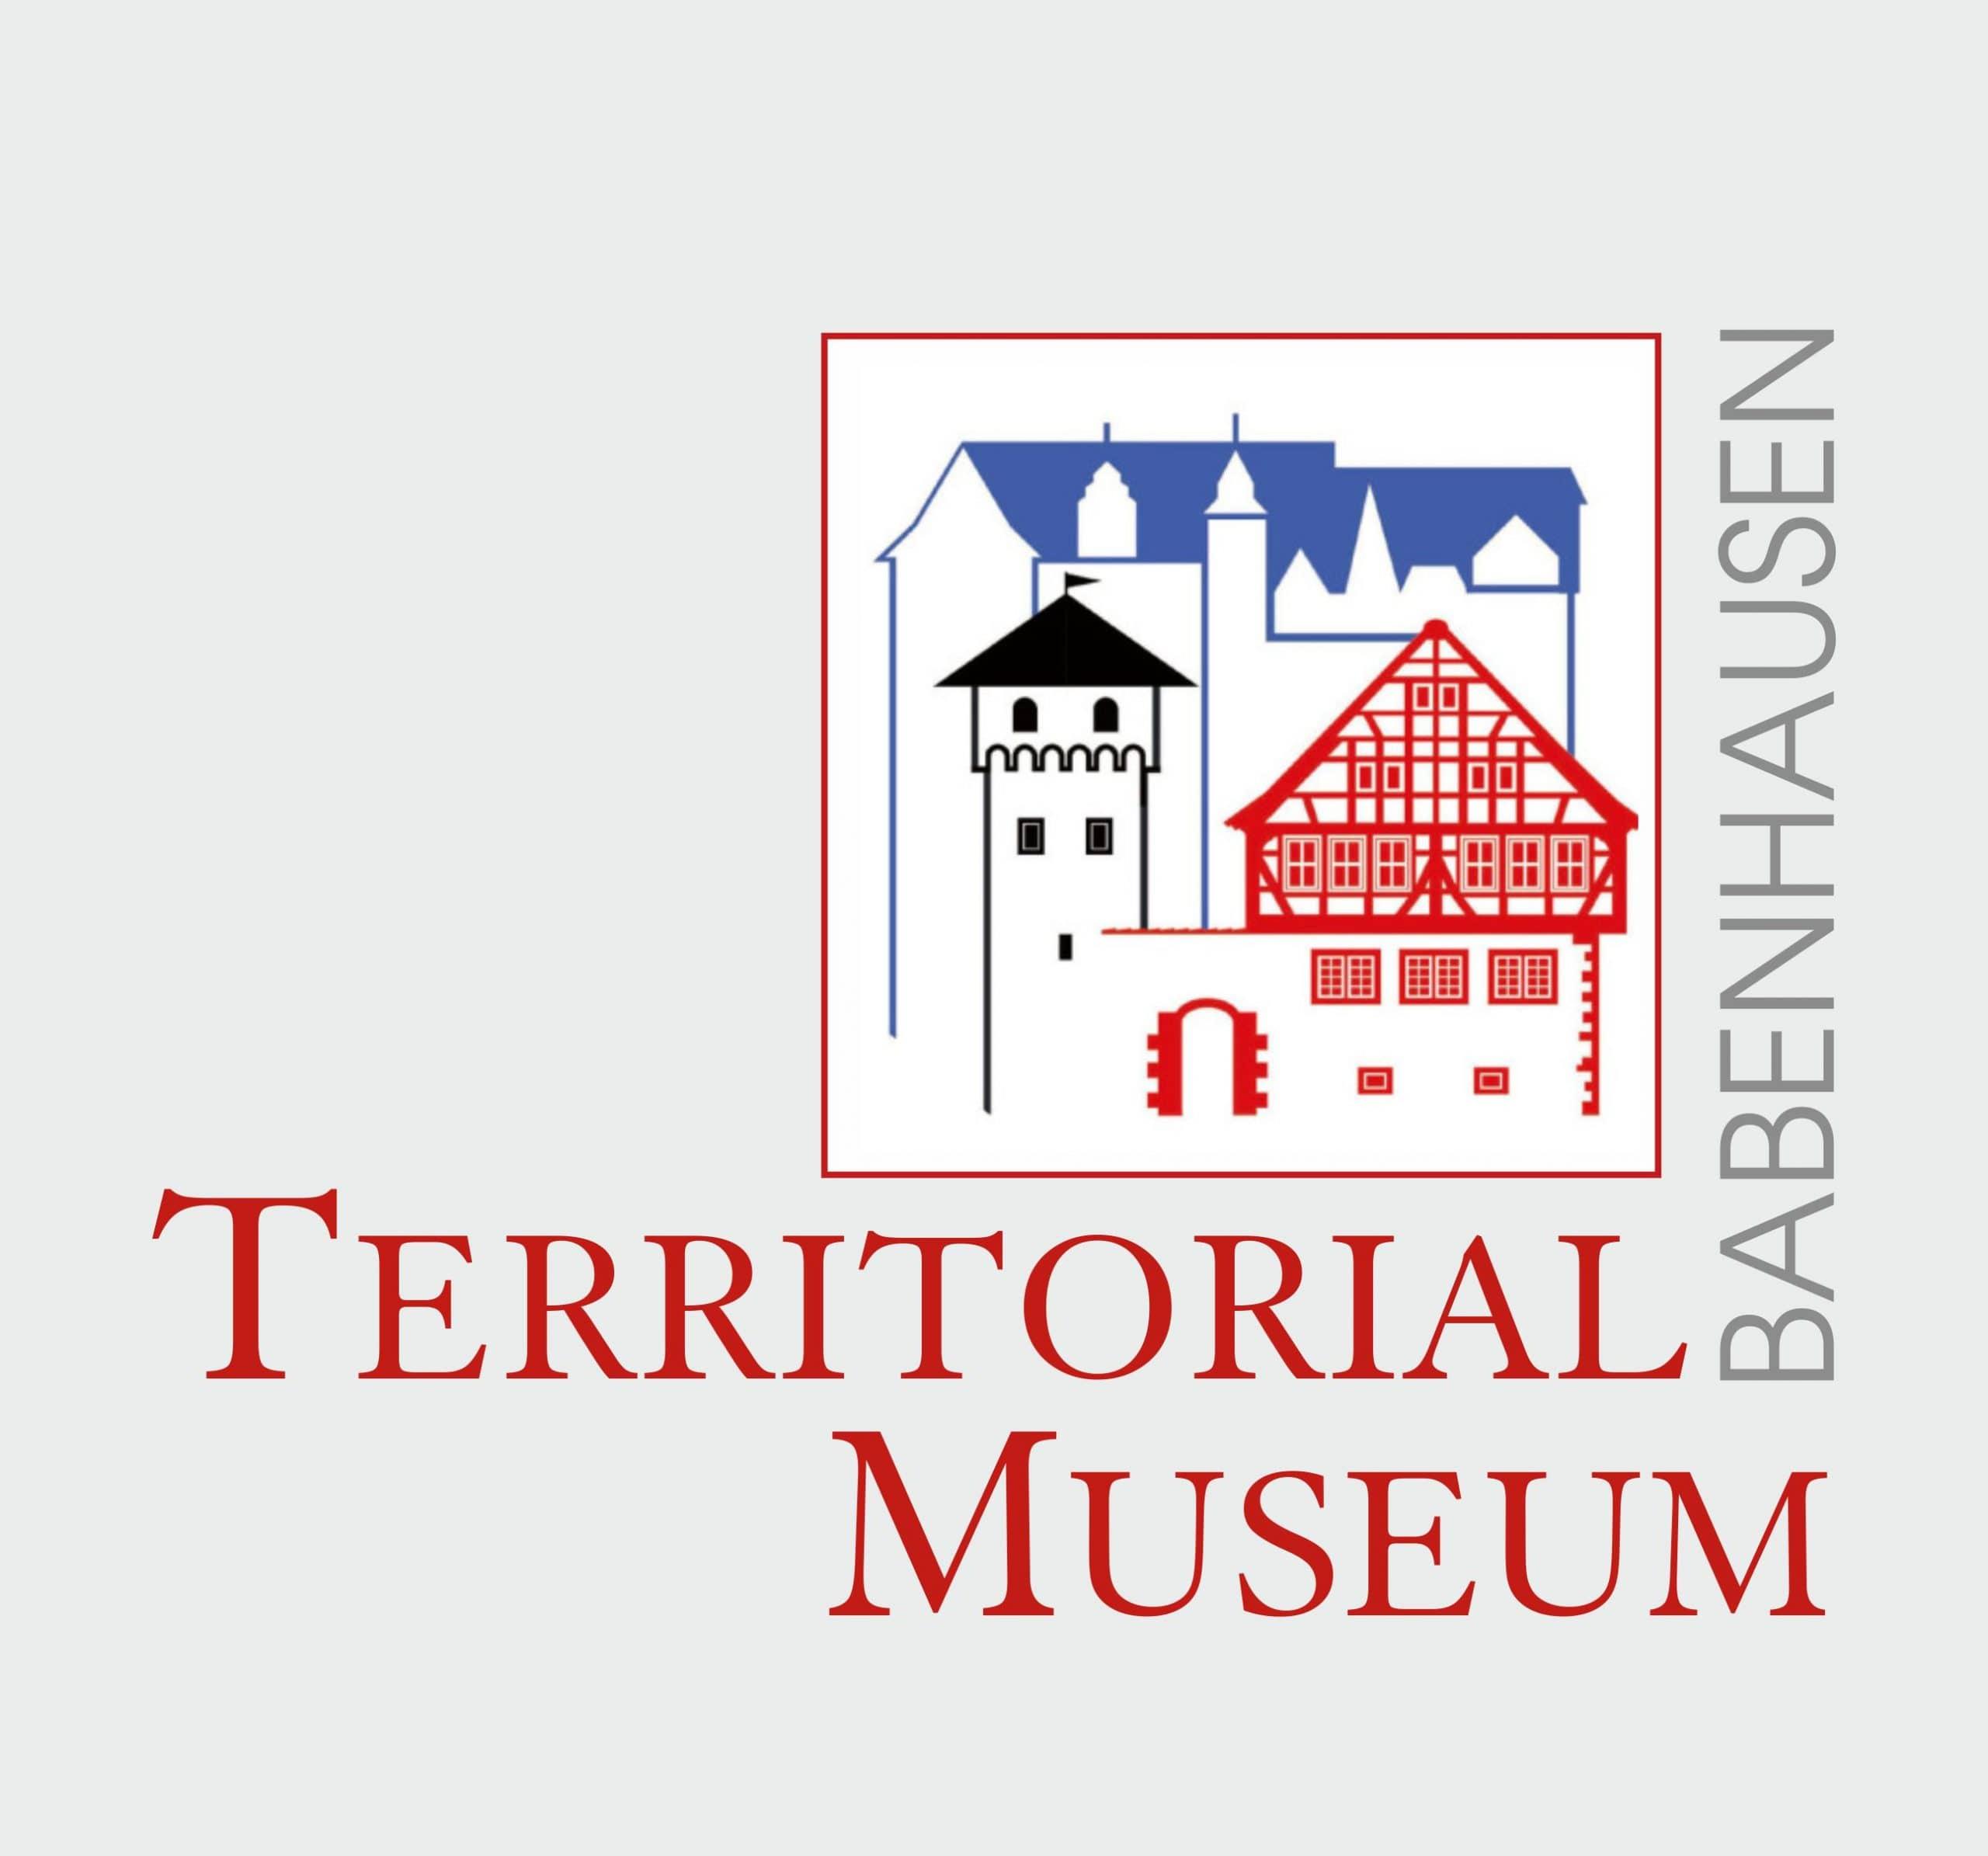 Territorialmuseum